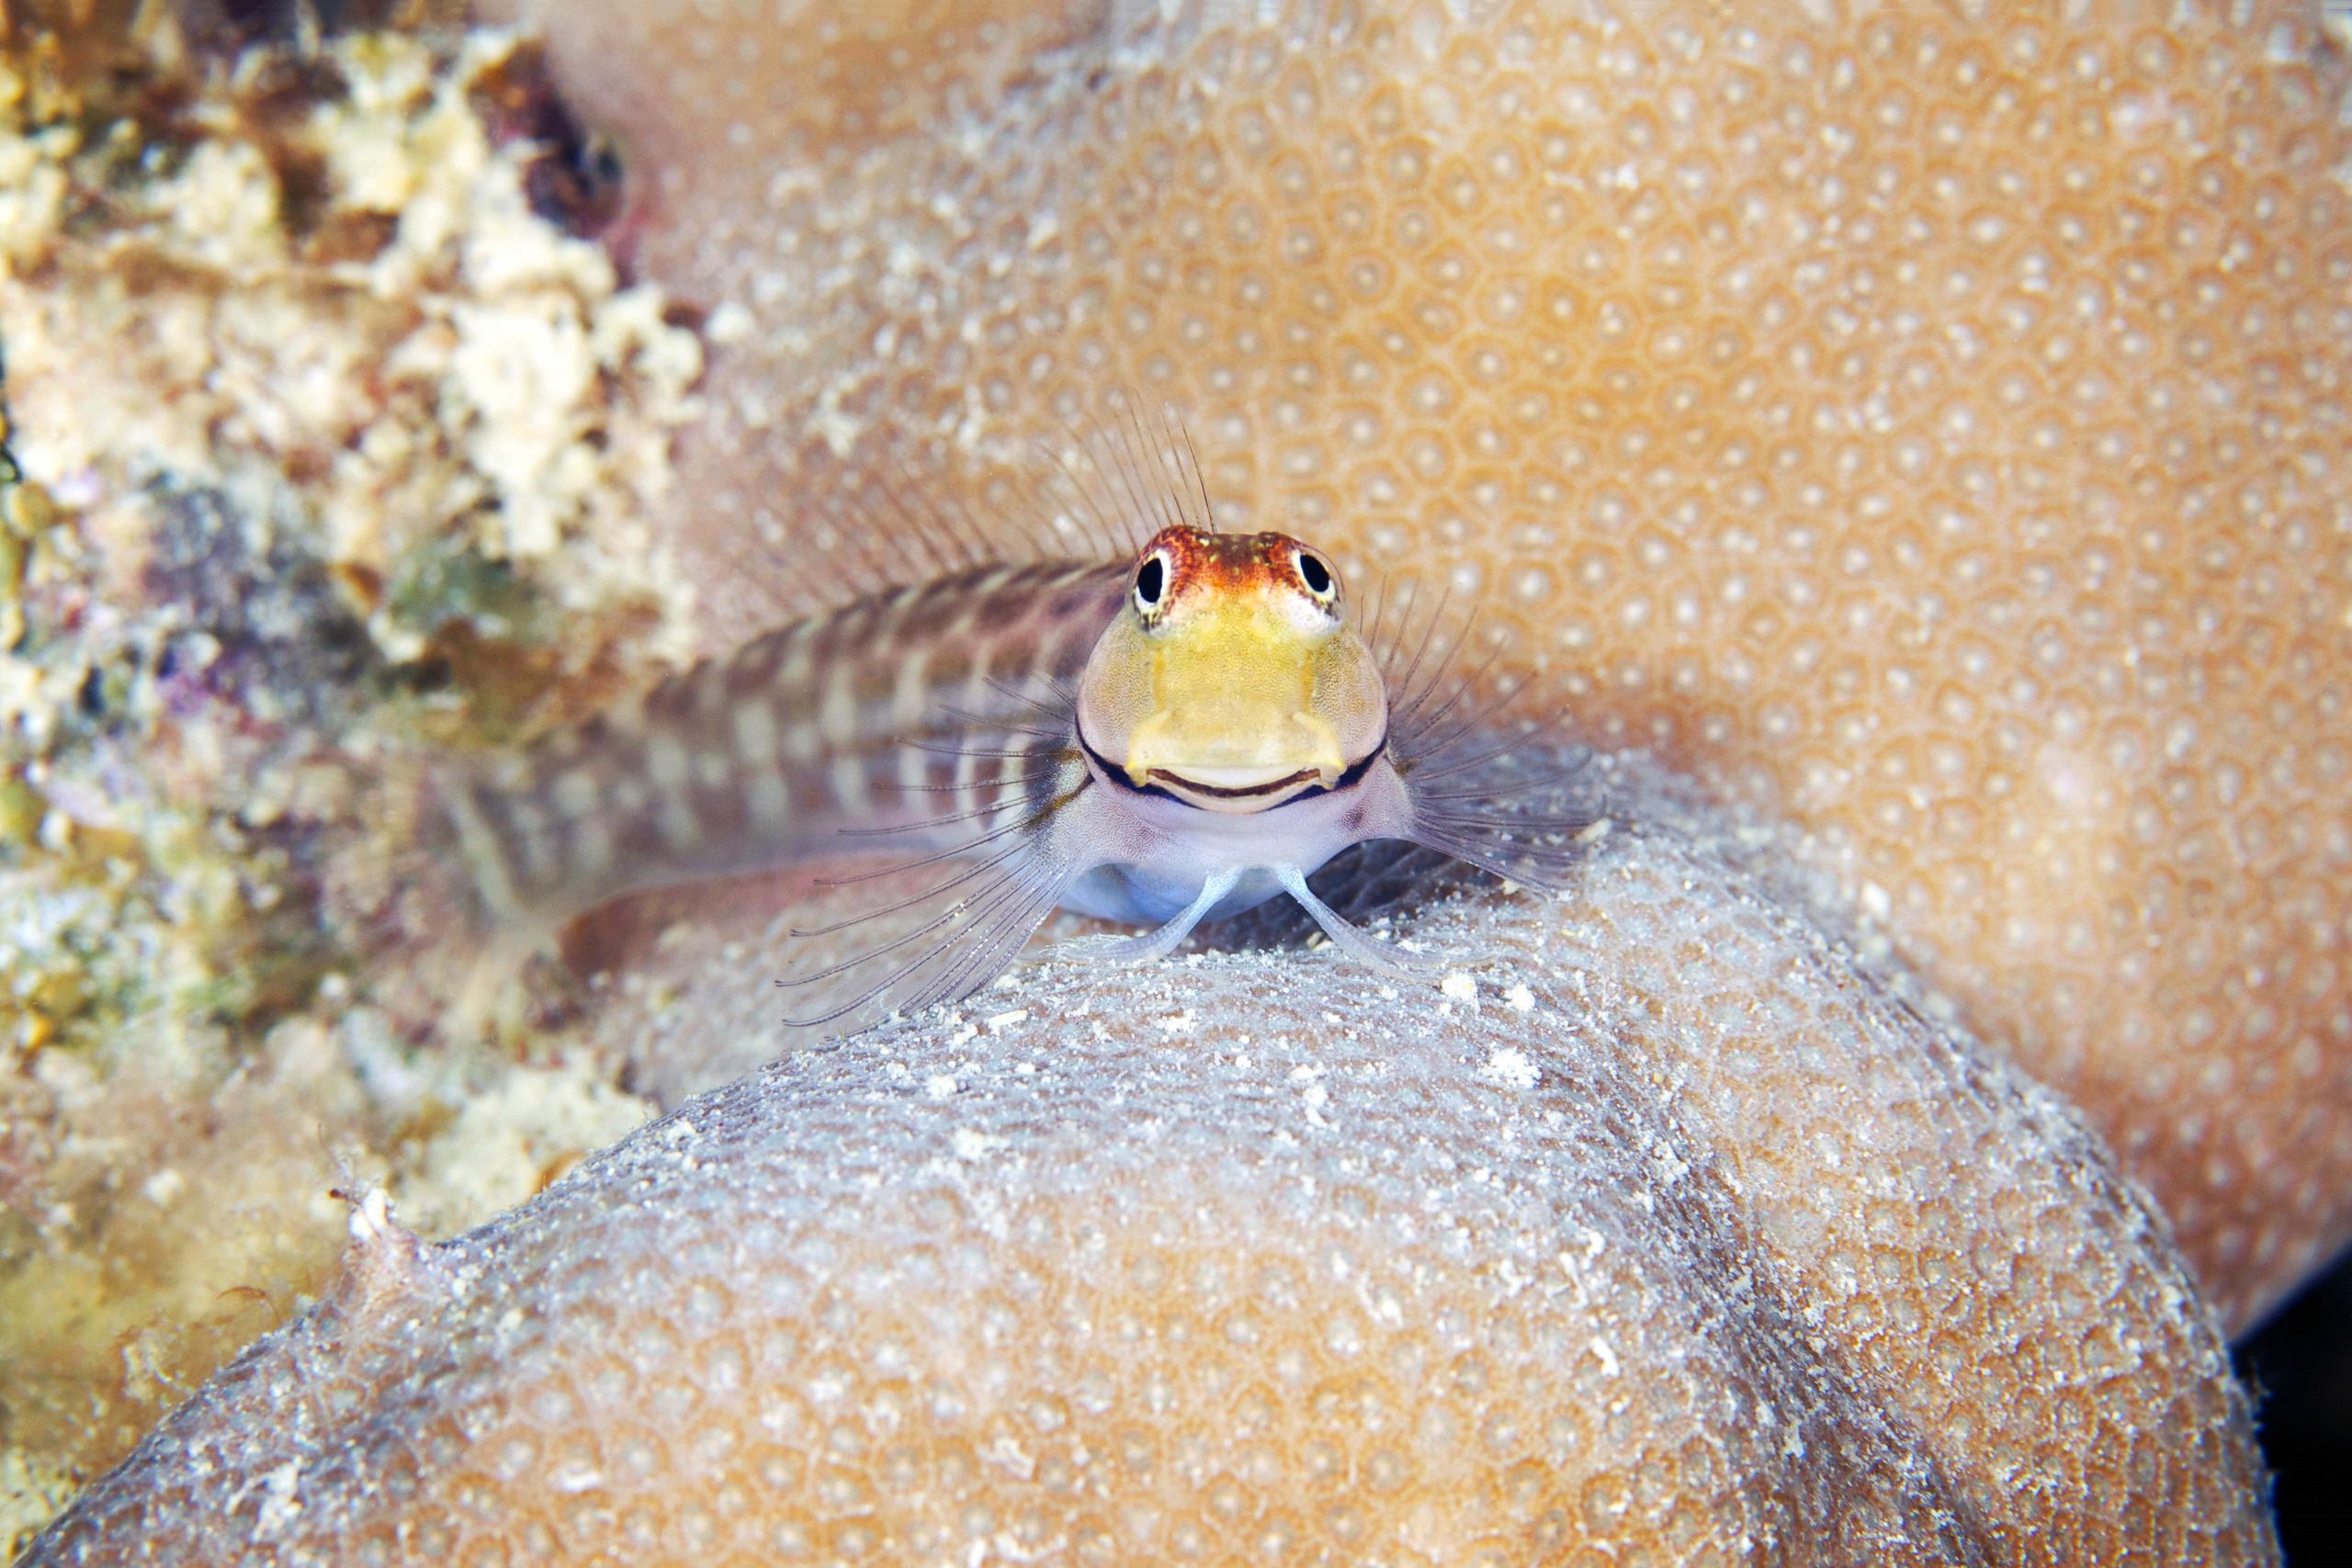 Fish – Smiling fish